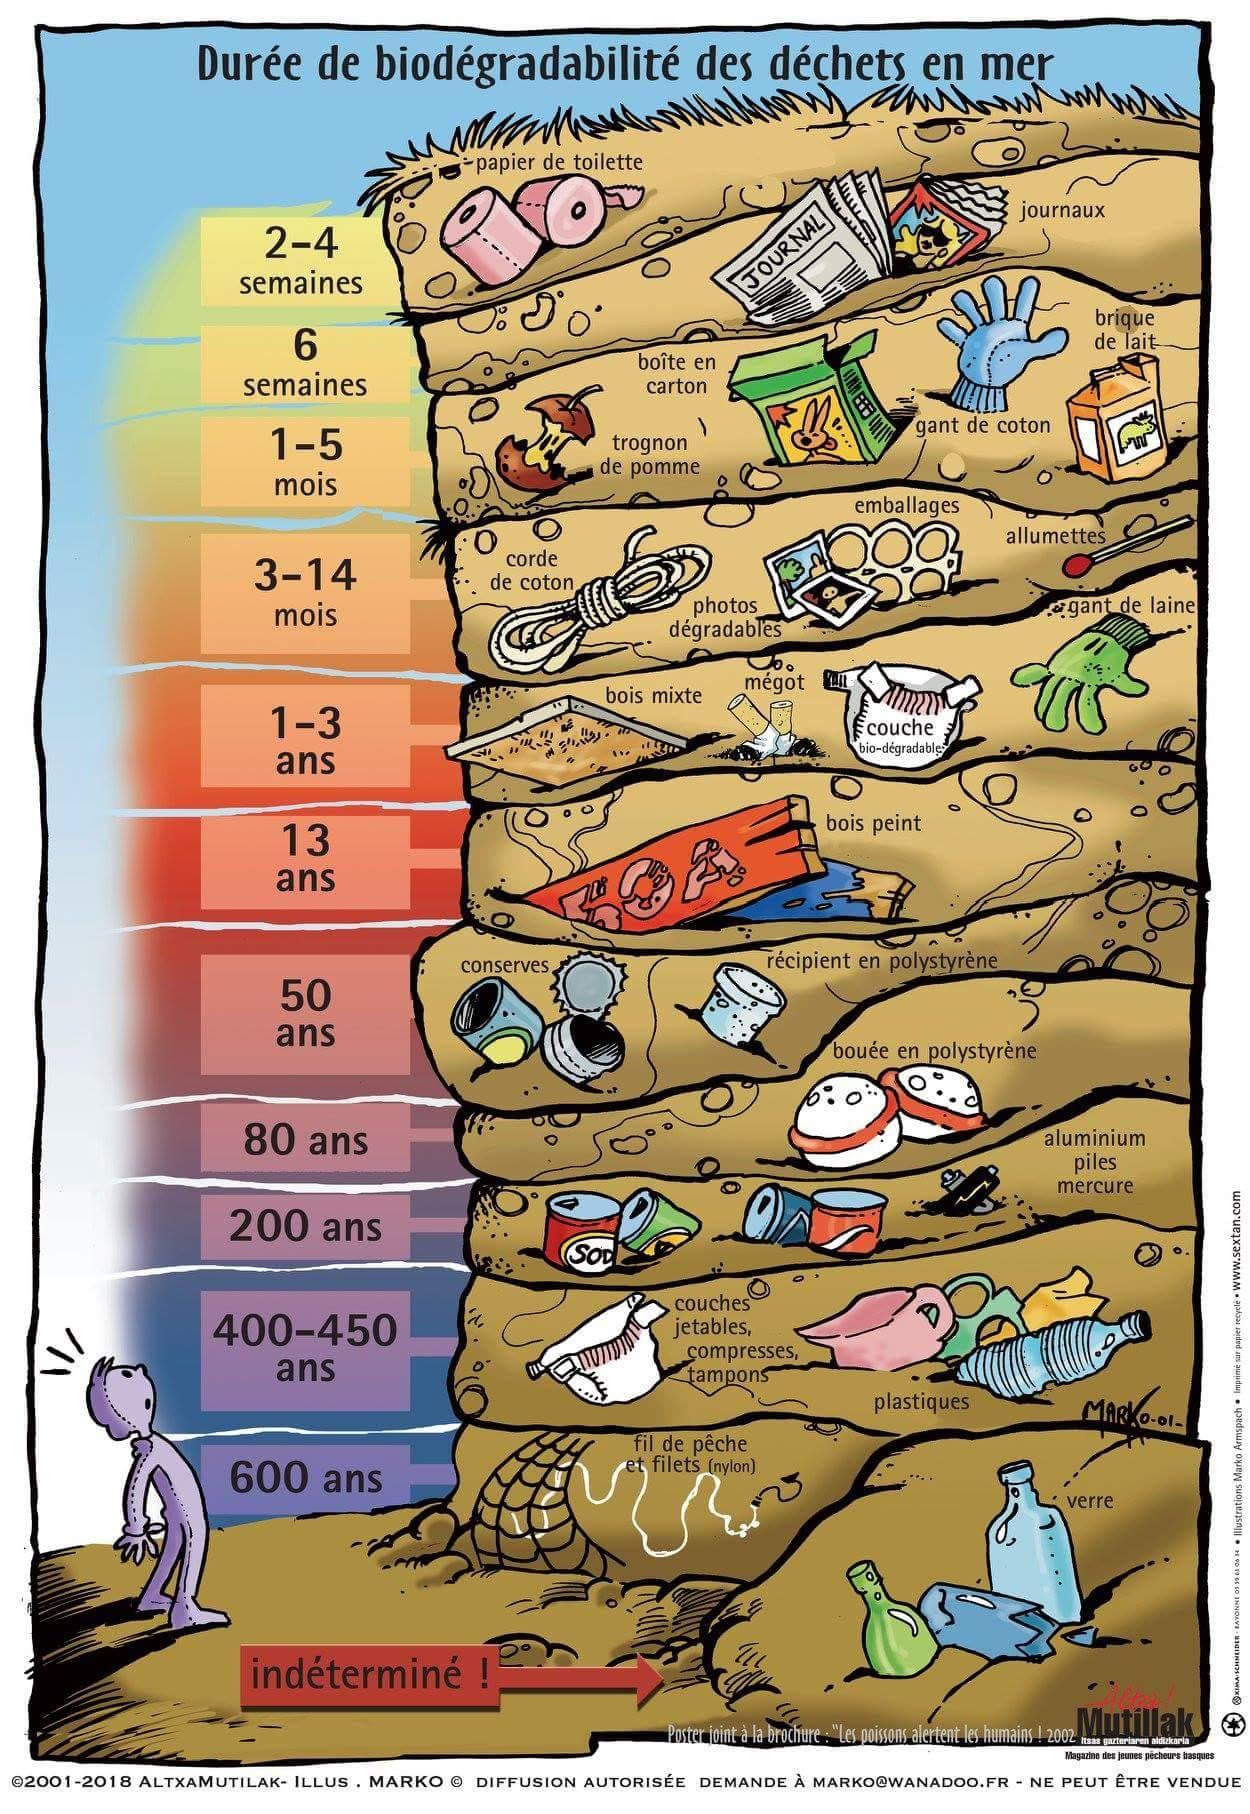 Durée déchets en Mer